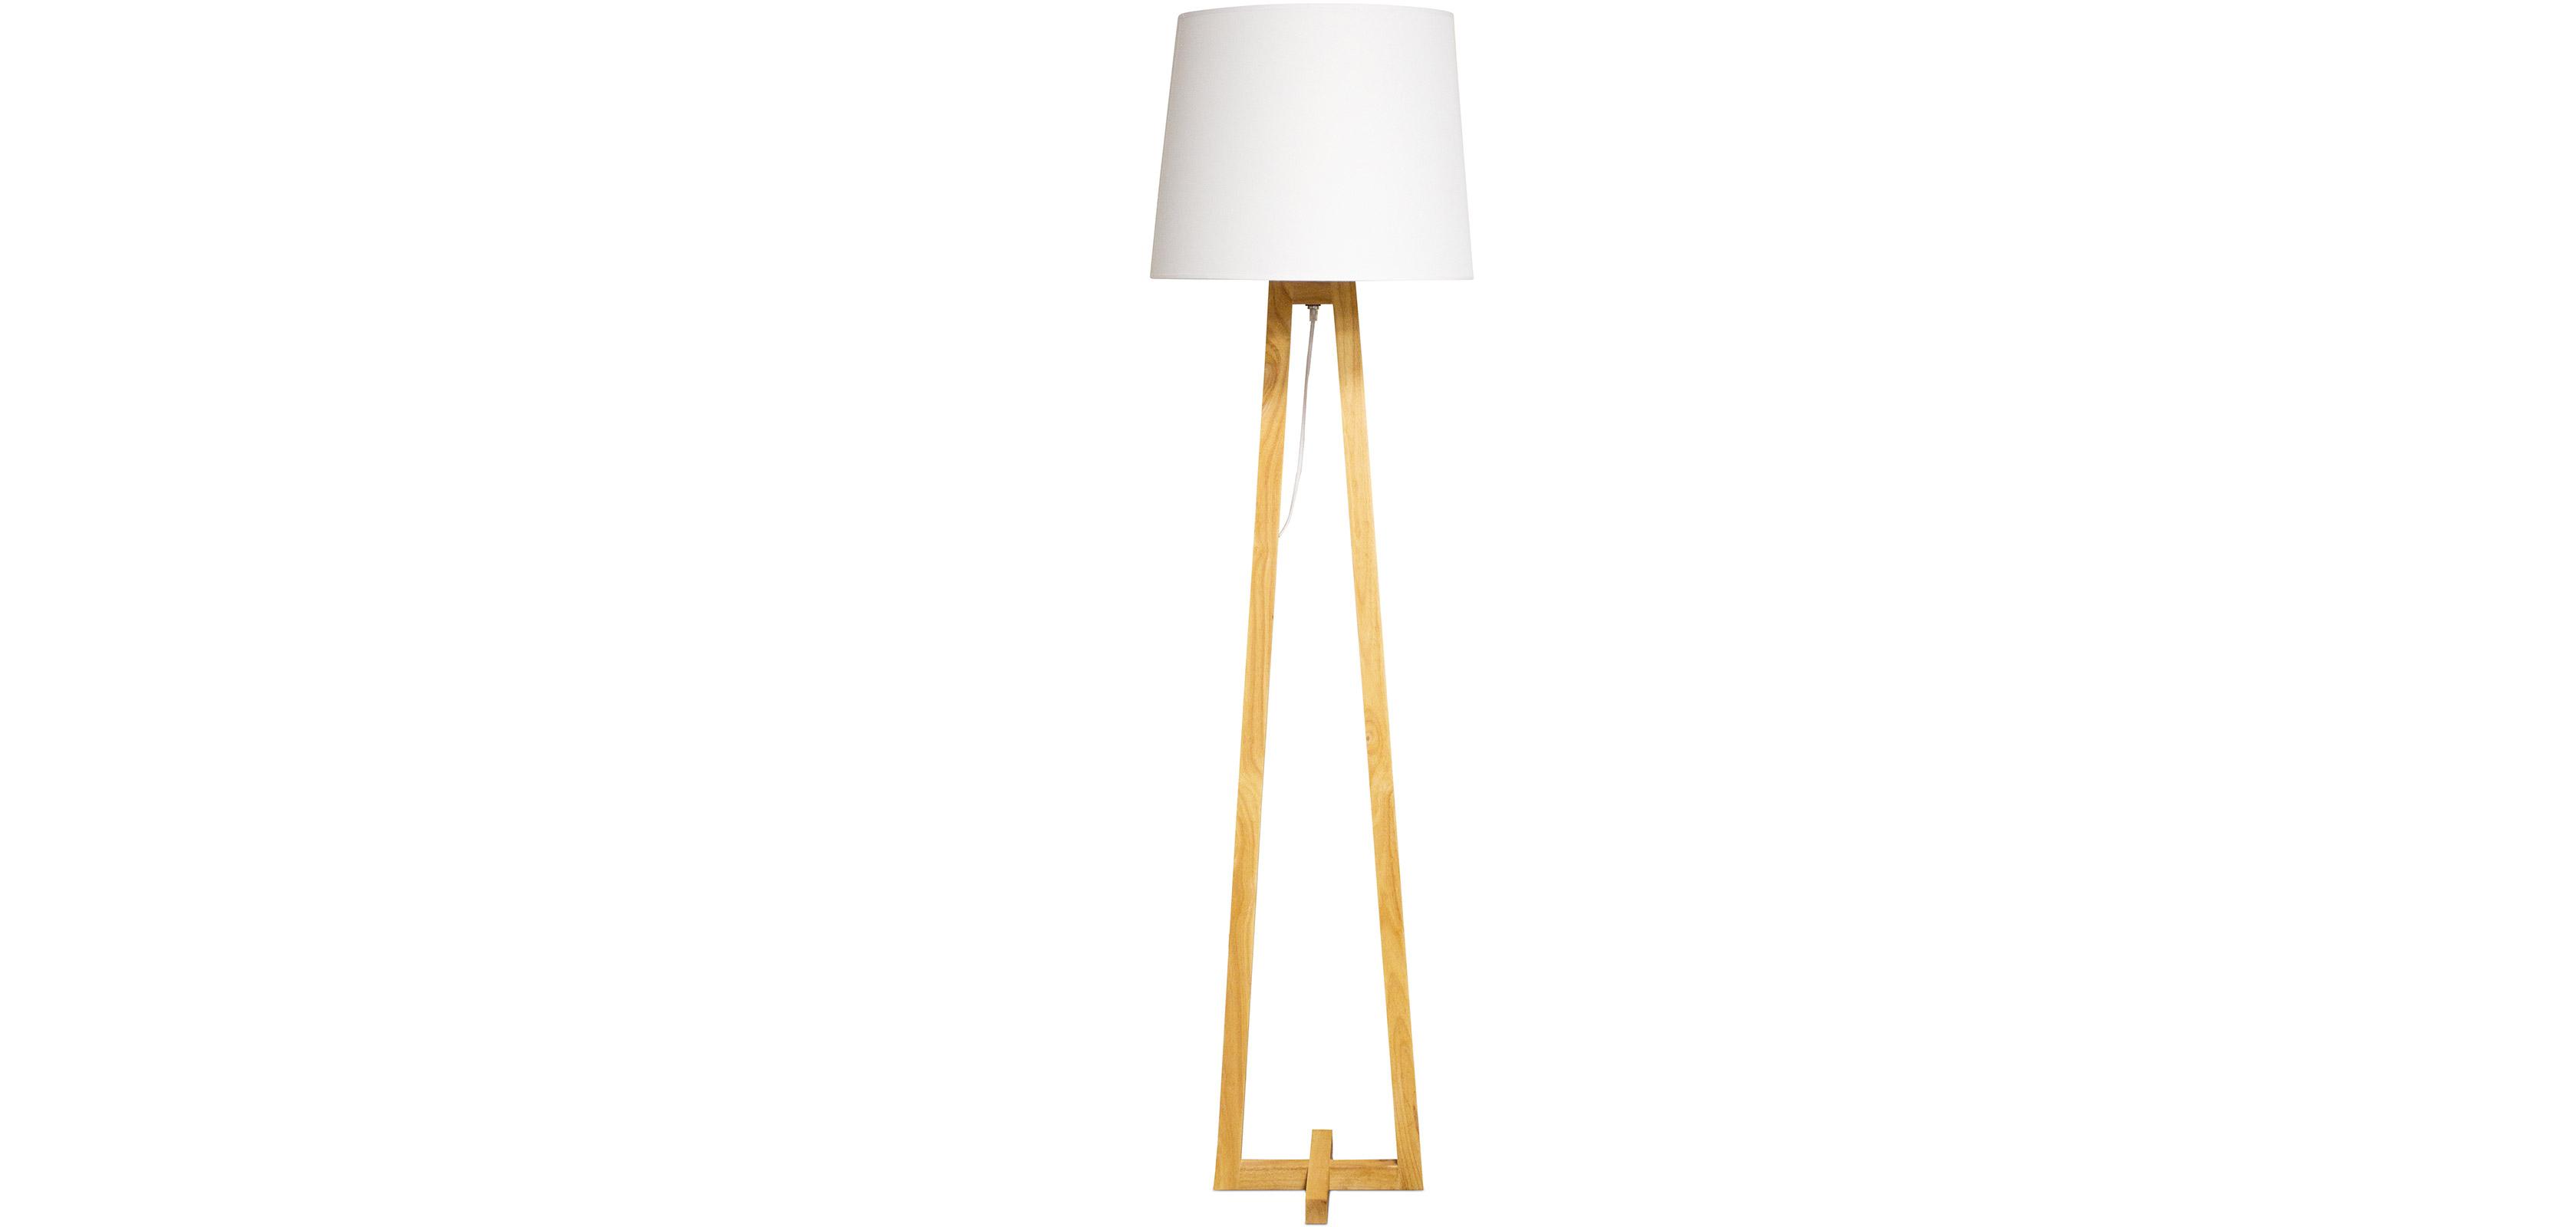 Lampada da terra stile nordico legno